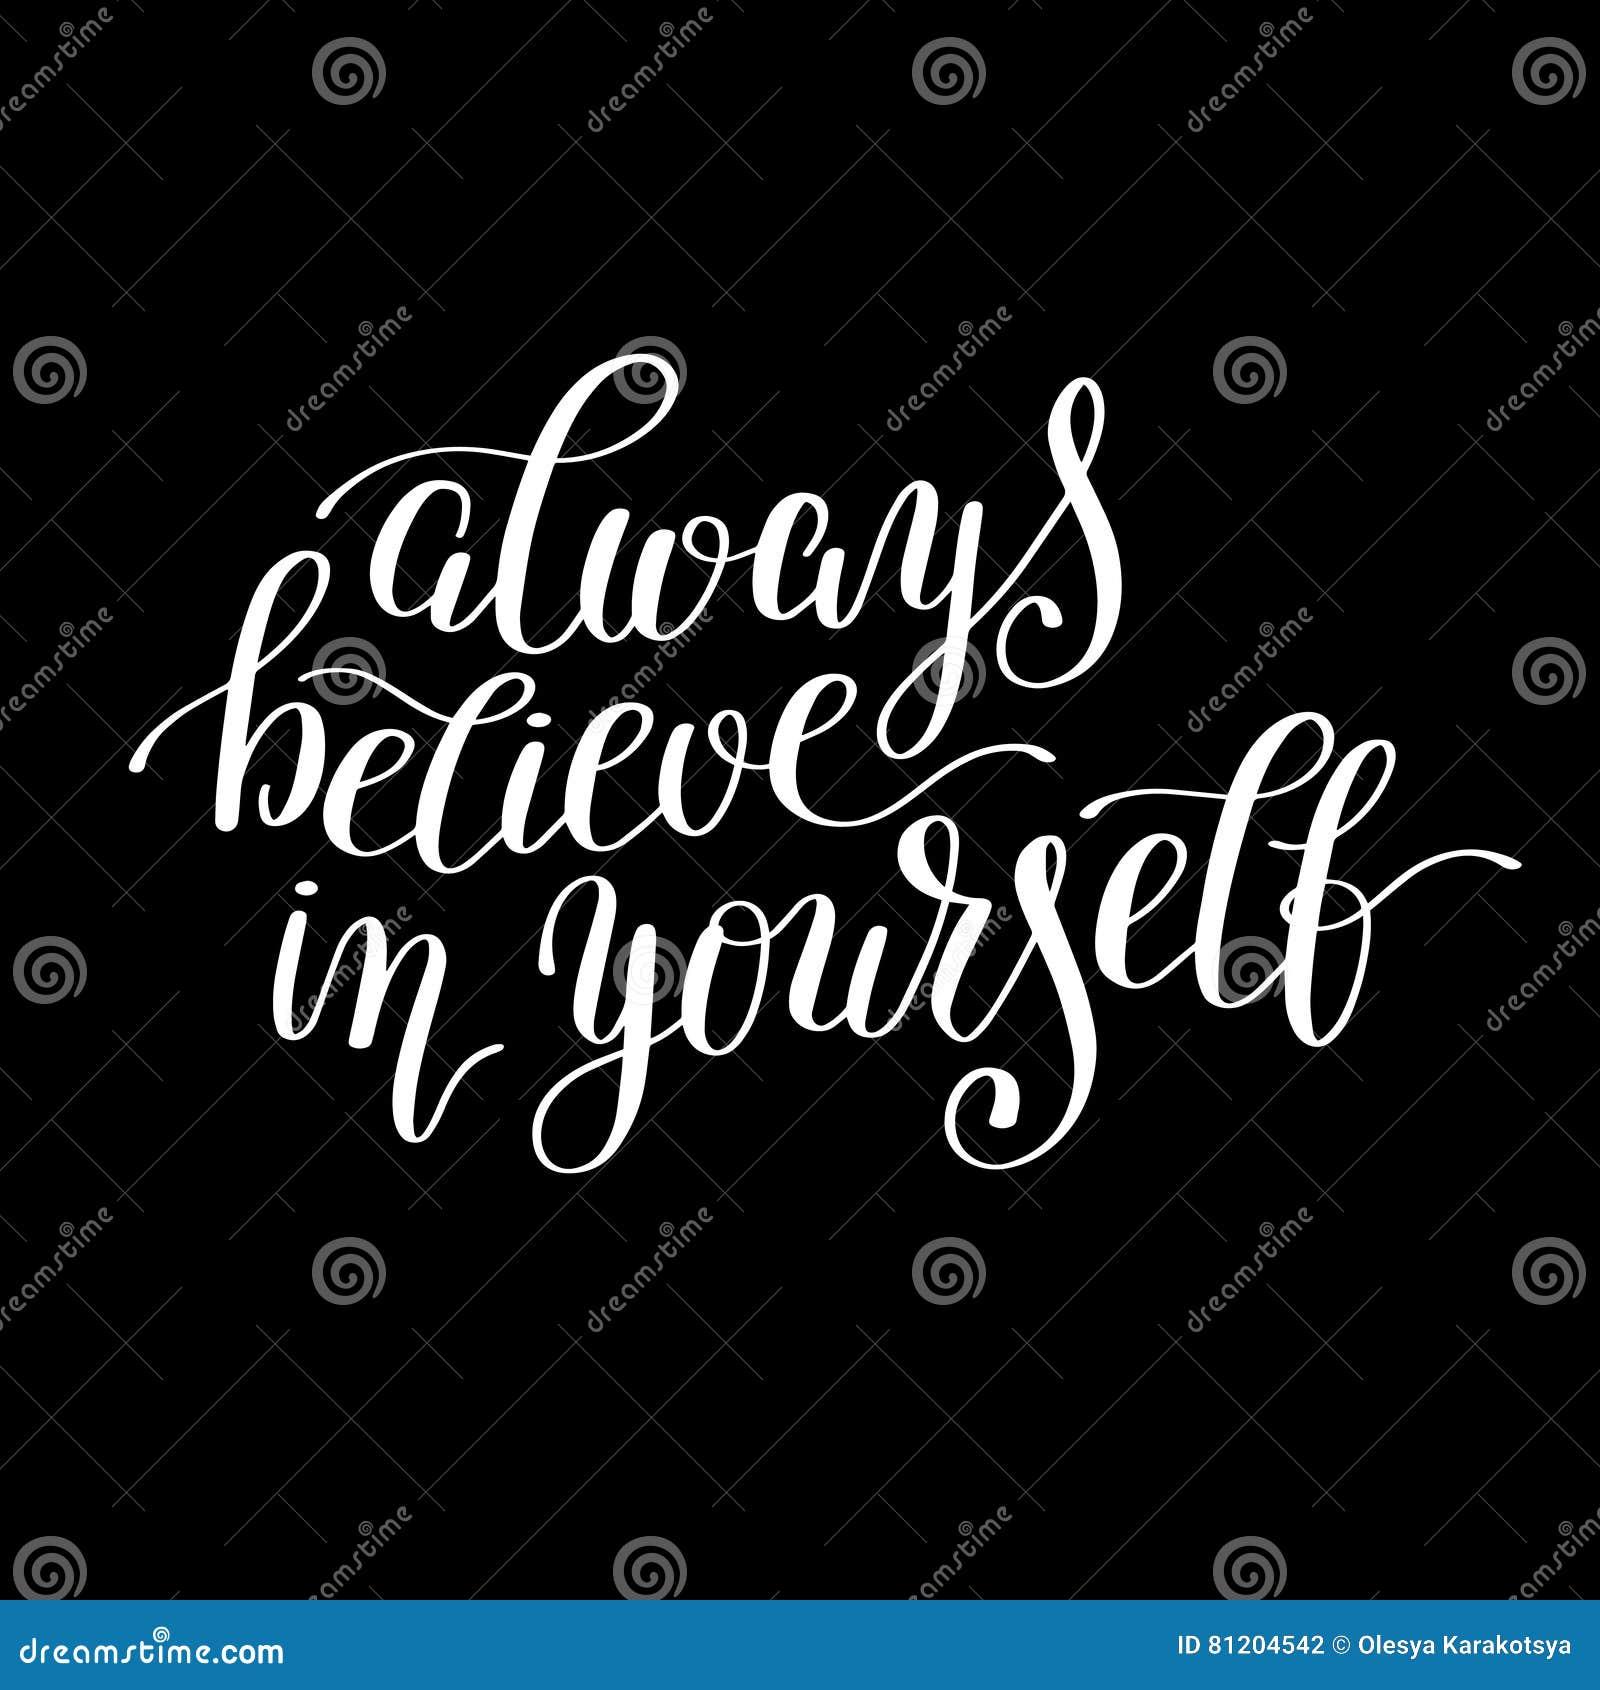 Always Believe In Yourself Handwritten Positive Inspirational Quote